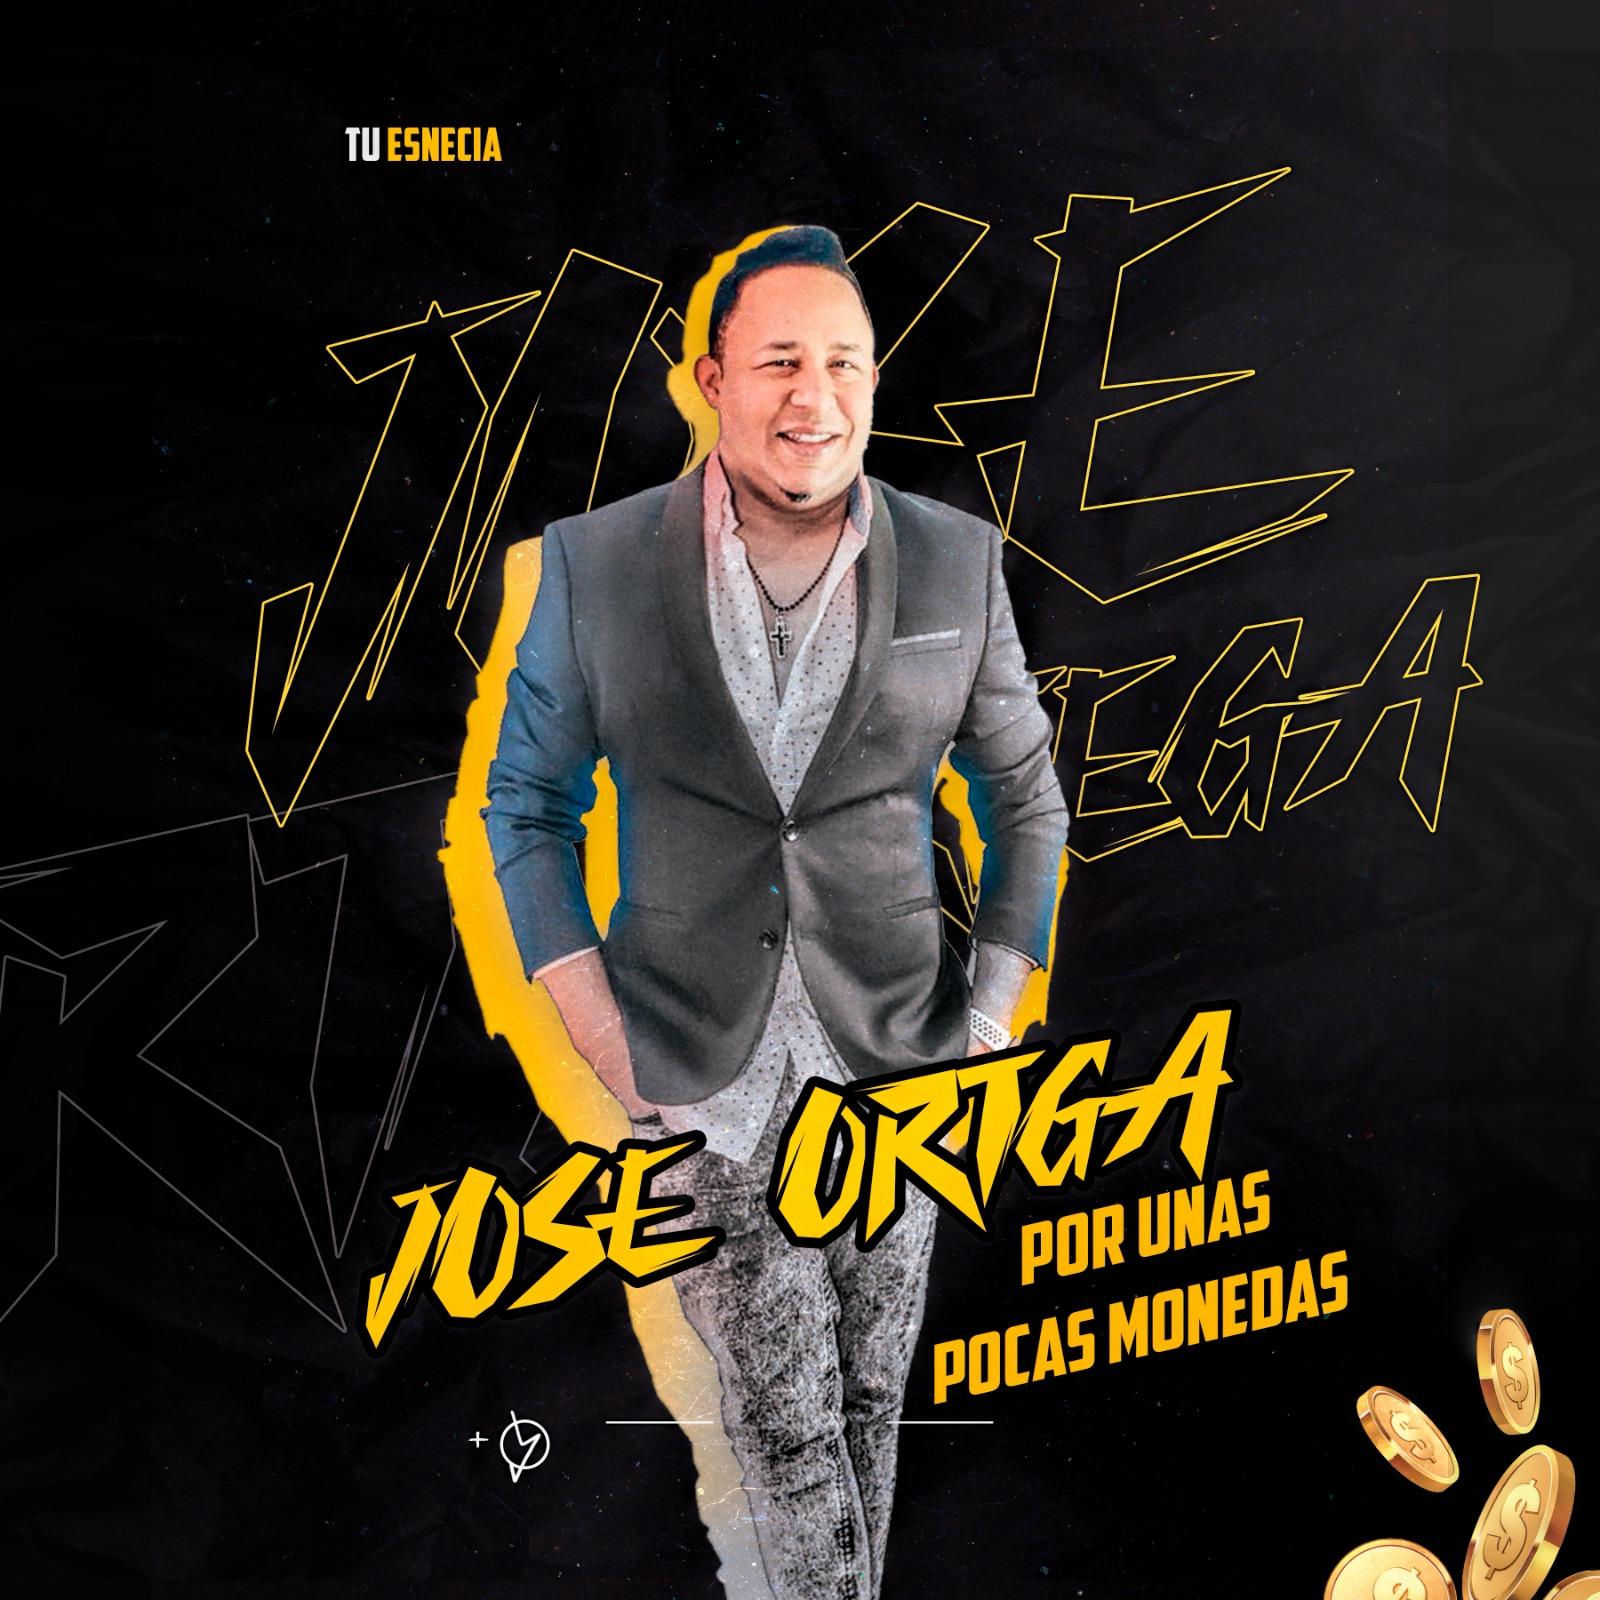 Jose Ortega – Por Unas Pocas Monedas